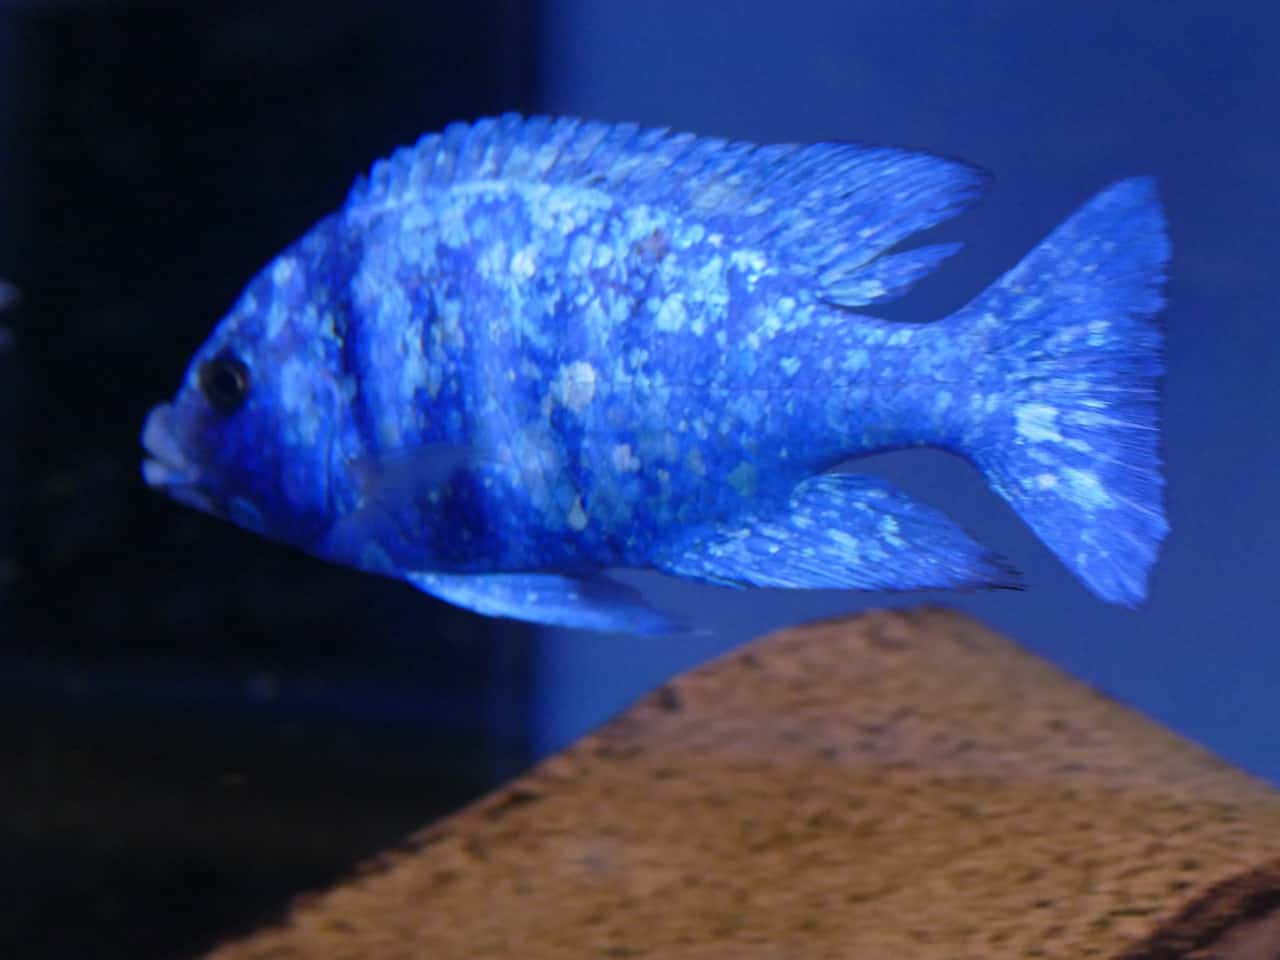 259: Buntbarsche aus dem Malawisee - Haltung und Zucht der bunten Fische im Aquarium (Tobias Buchheit) 3